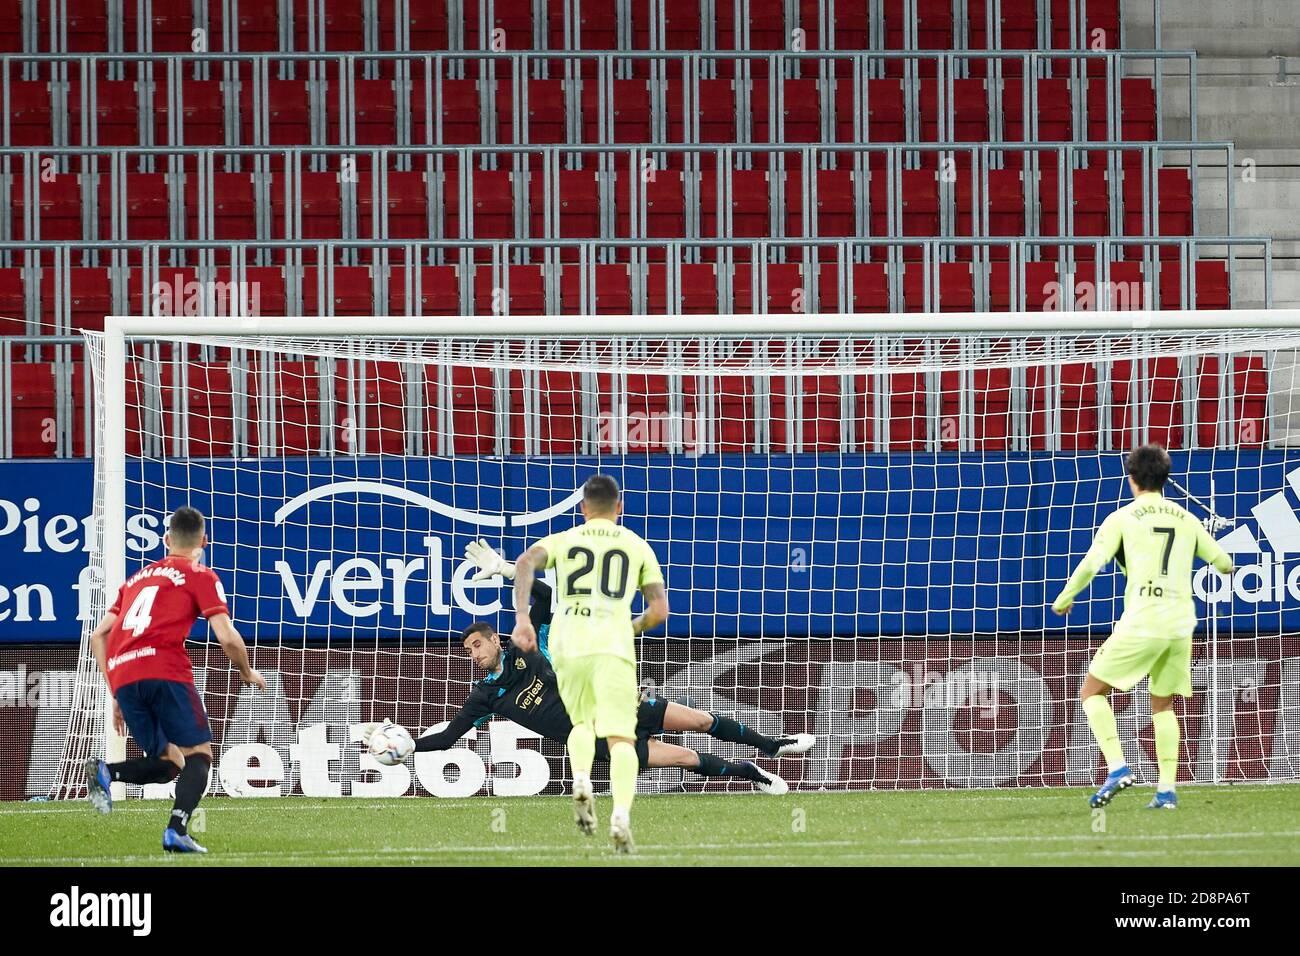 Sergio Herrera (Torwart; CA Osasuna) im Einsatz während der spanischen La Liga Santander, Spiel zwischen CA Osasuna und Atletico de Madrid im Sadar-Stadion. (Endnote: CA Osasuna 1-3 Atletico de Madrid) Stockfoto